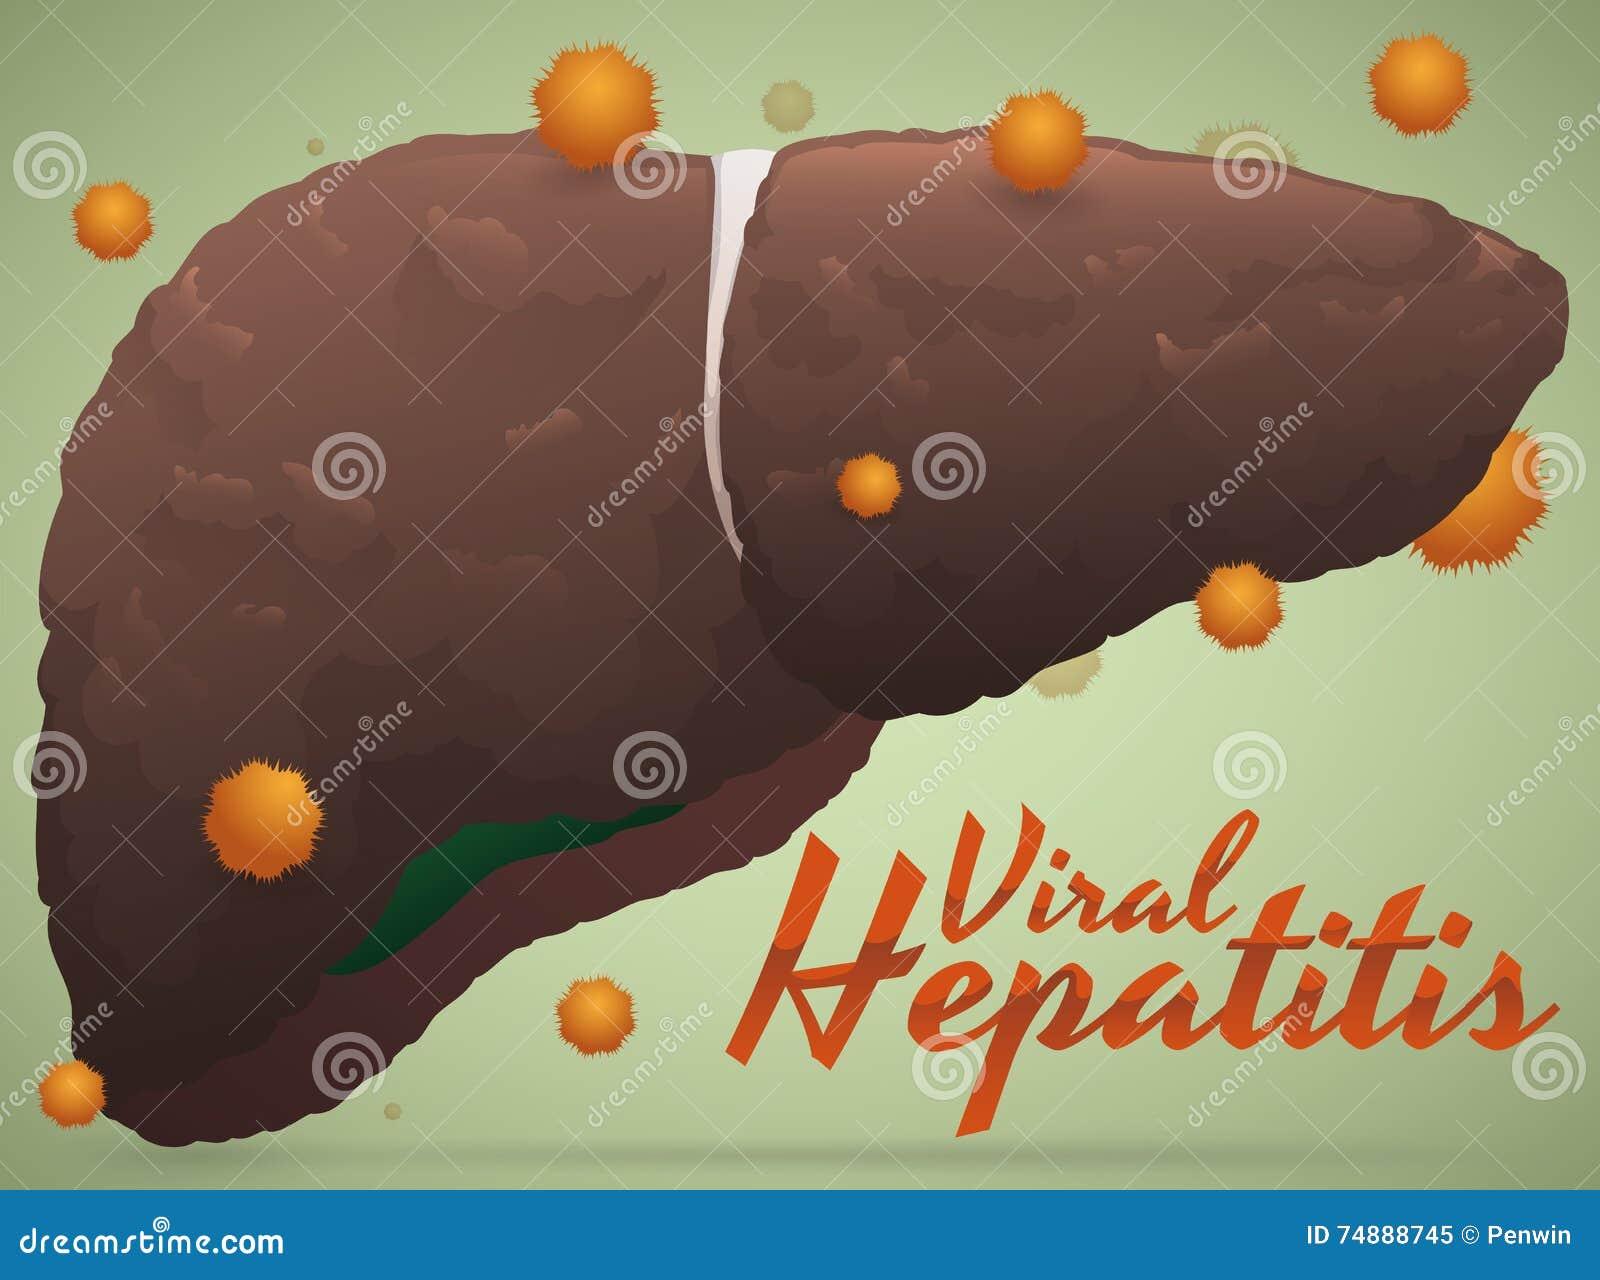 Άρρωστο αποτέλεσμα συκωτιού της προερχόμενης από ιό ηπατίτιδας με τον ιό γύρω από το, διανυσματική απεικόνιση